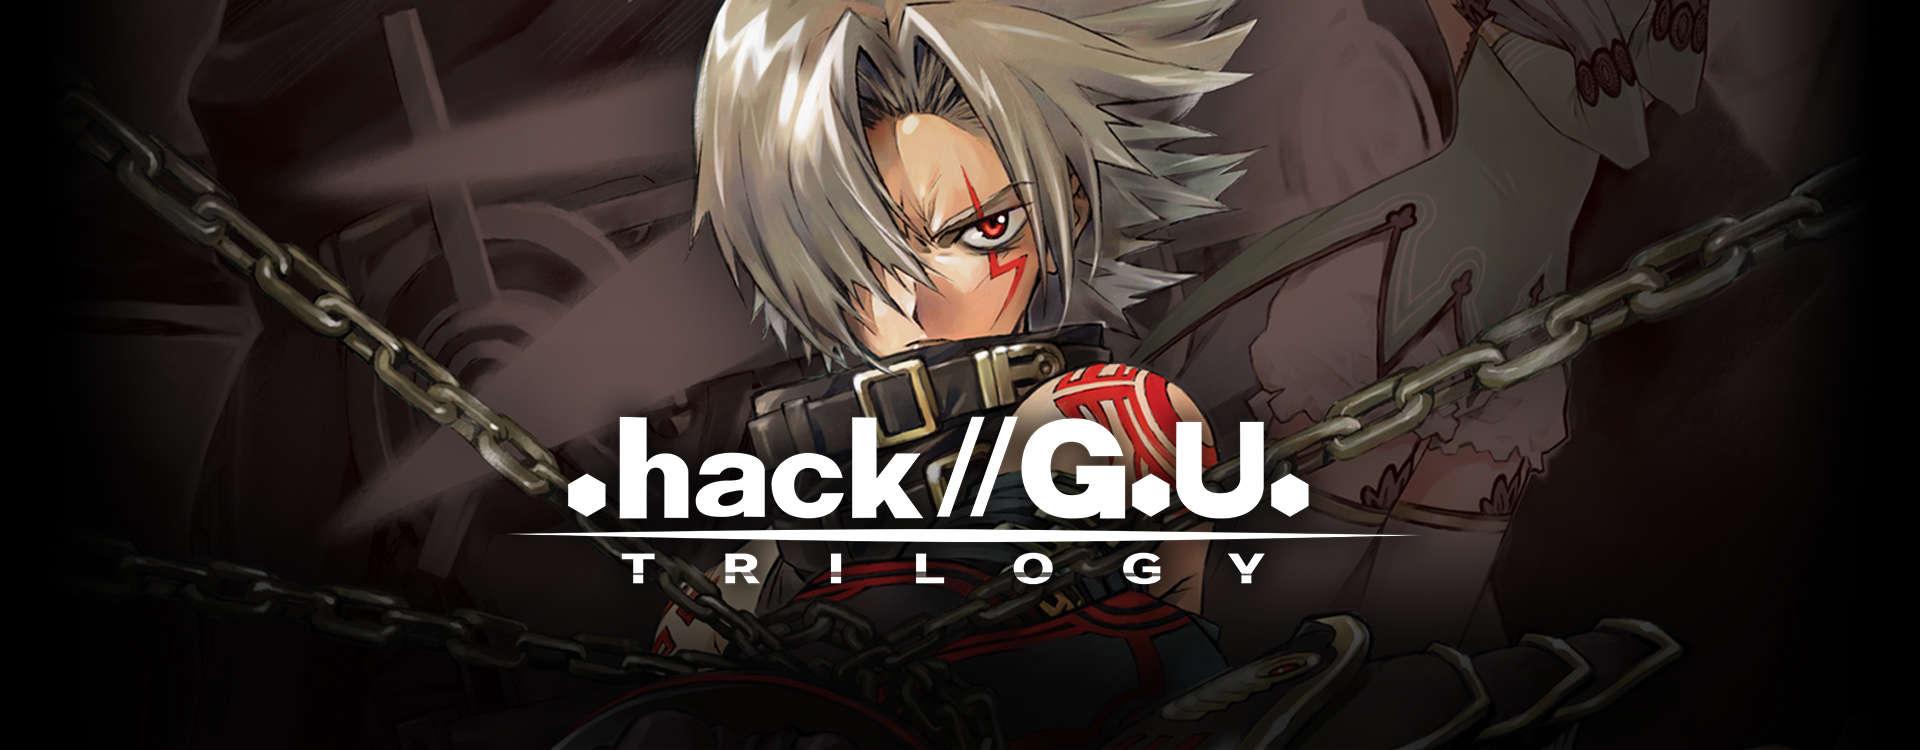 .hack//G.U. Trilogy